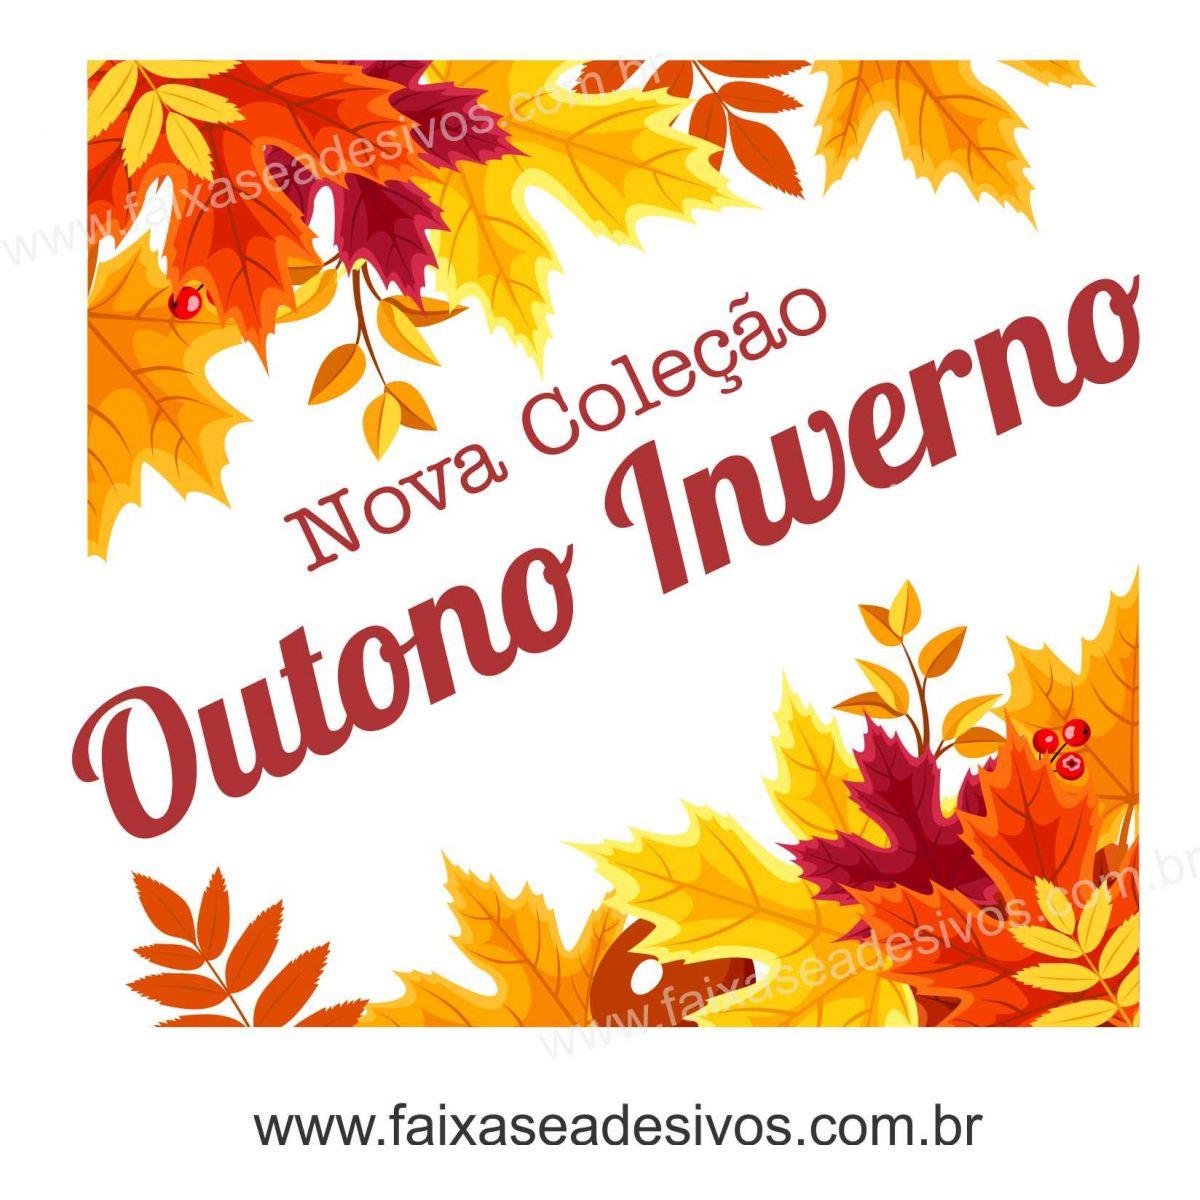 A610 - Adesivo Outono Inverno - Cantoneira de folhas  - Fac Signs